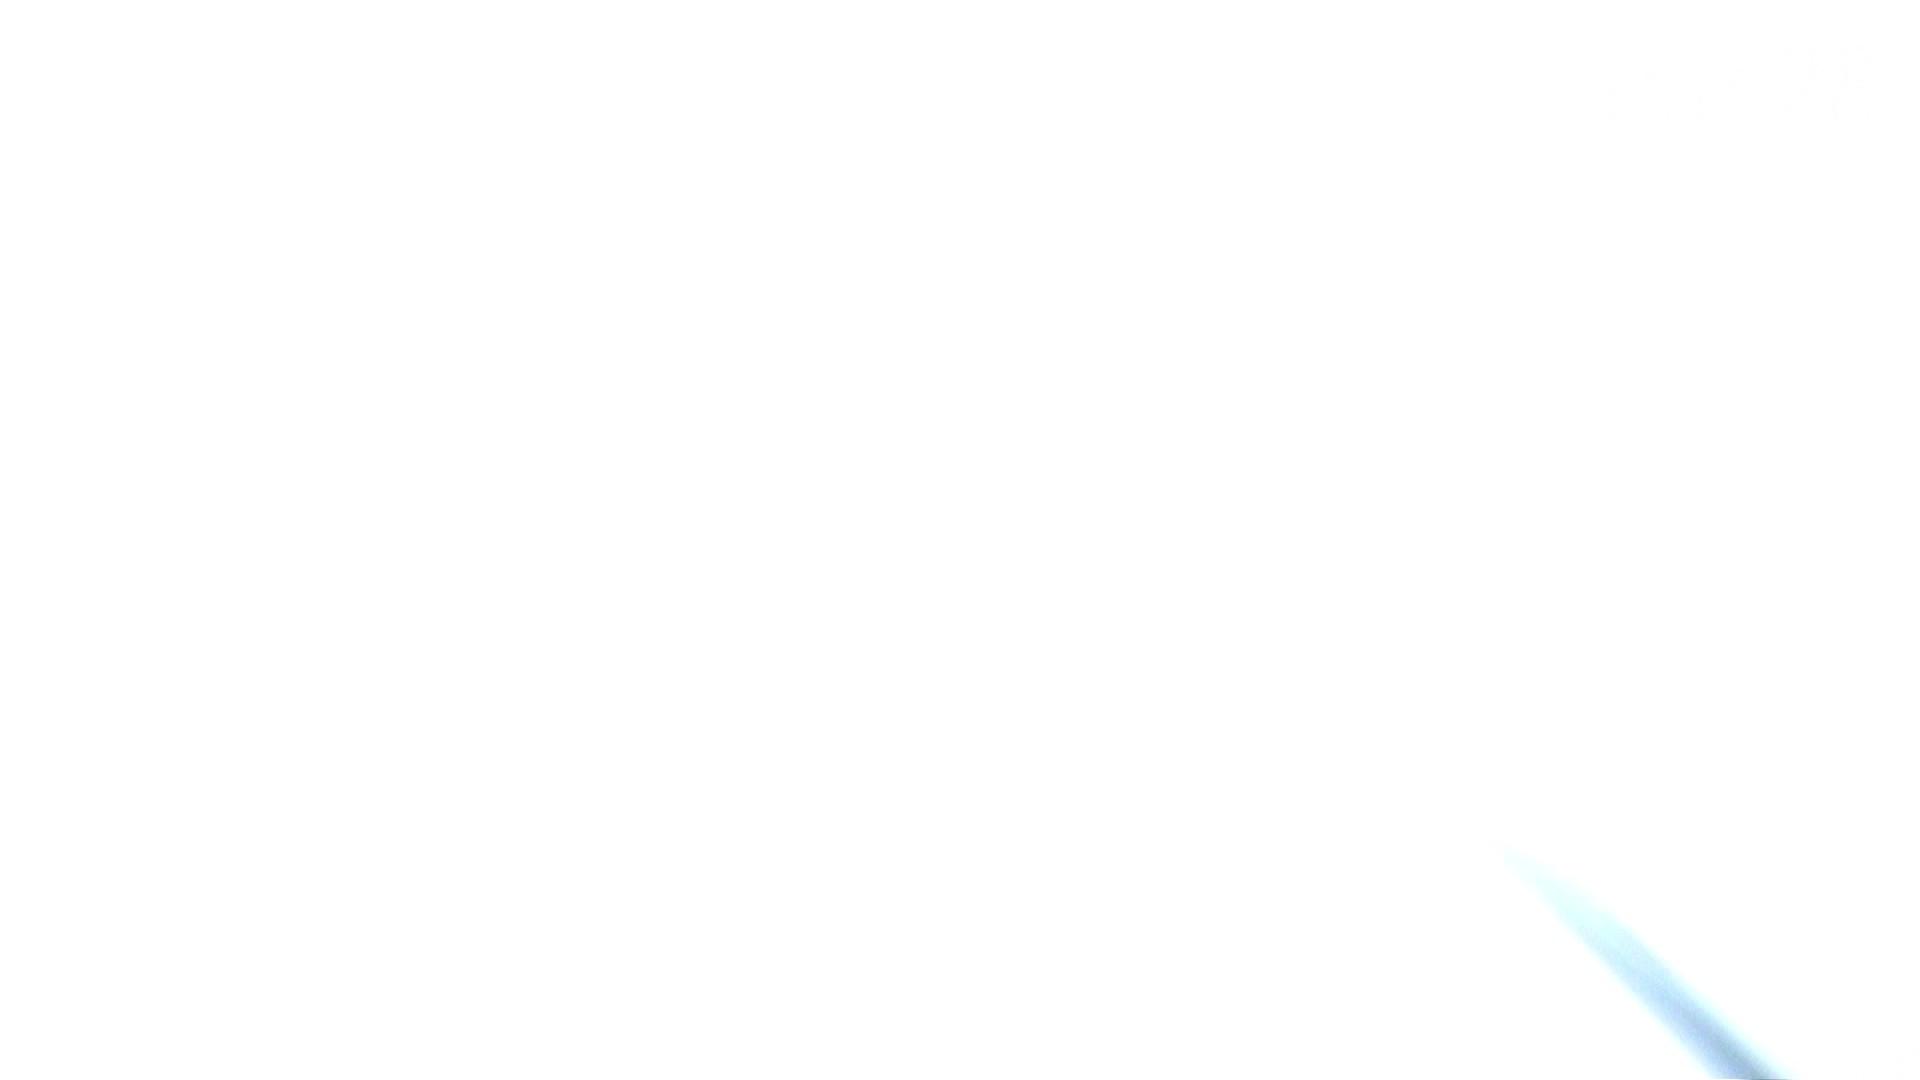 ▲復活限定▲ハイビジョン 盗神伝 Vol.28 色っぽいOL達  95pic 12